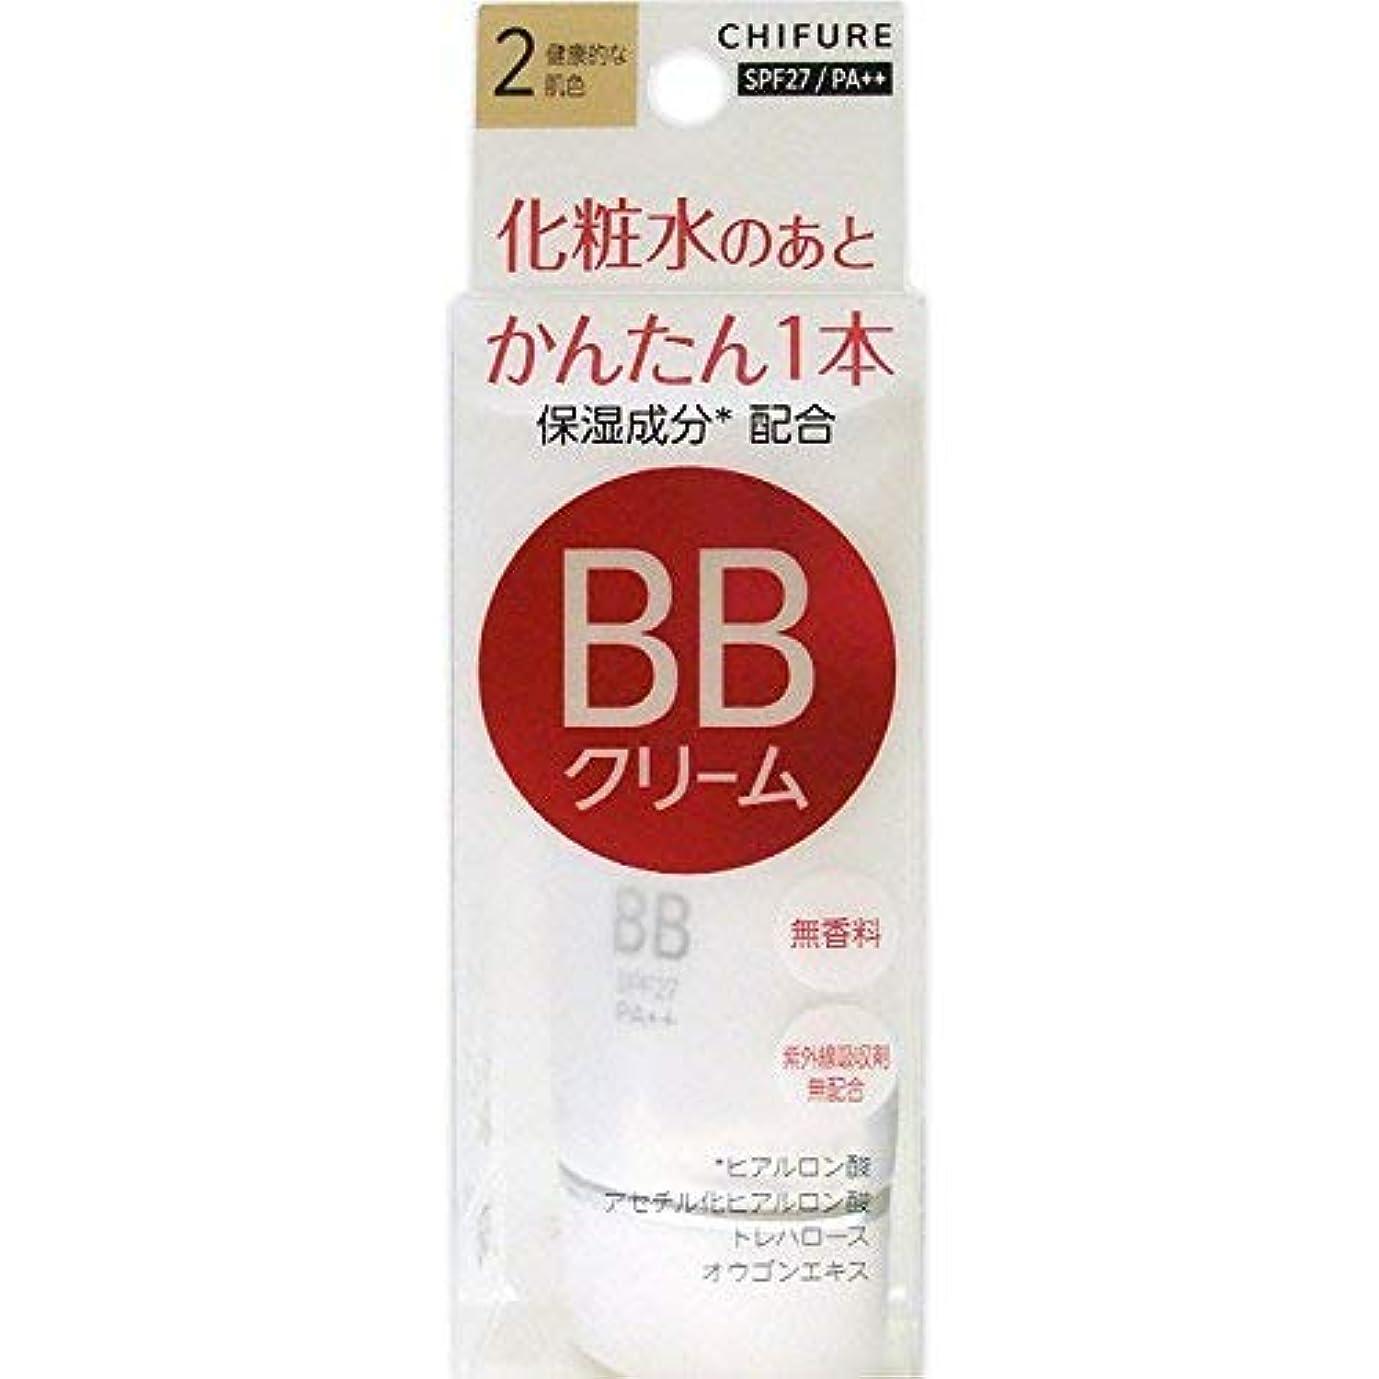 約束する里親ダウンちふれ化粧品 BB クリーム 2 健康的な肌色 BBクリーム 2